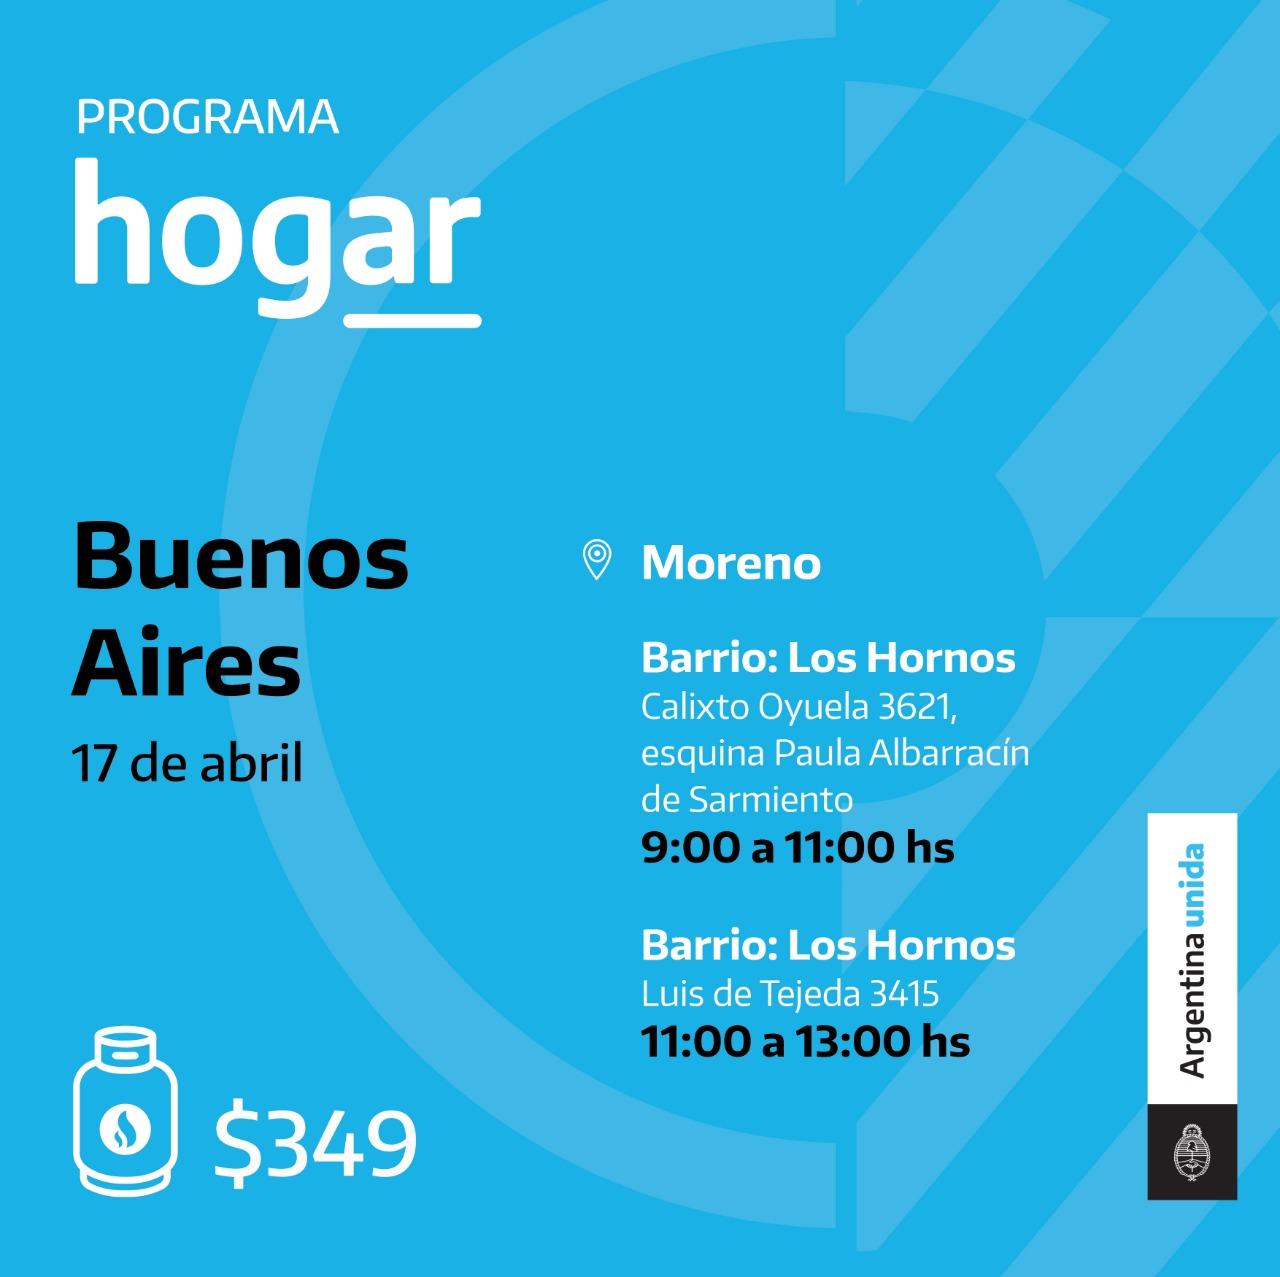 Programa Hogar en el barrio Los Hornos de Moreno